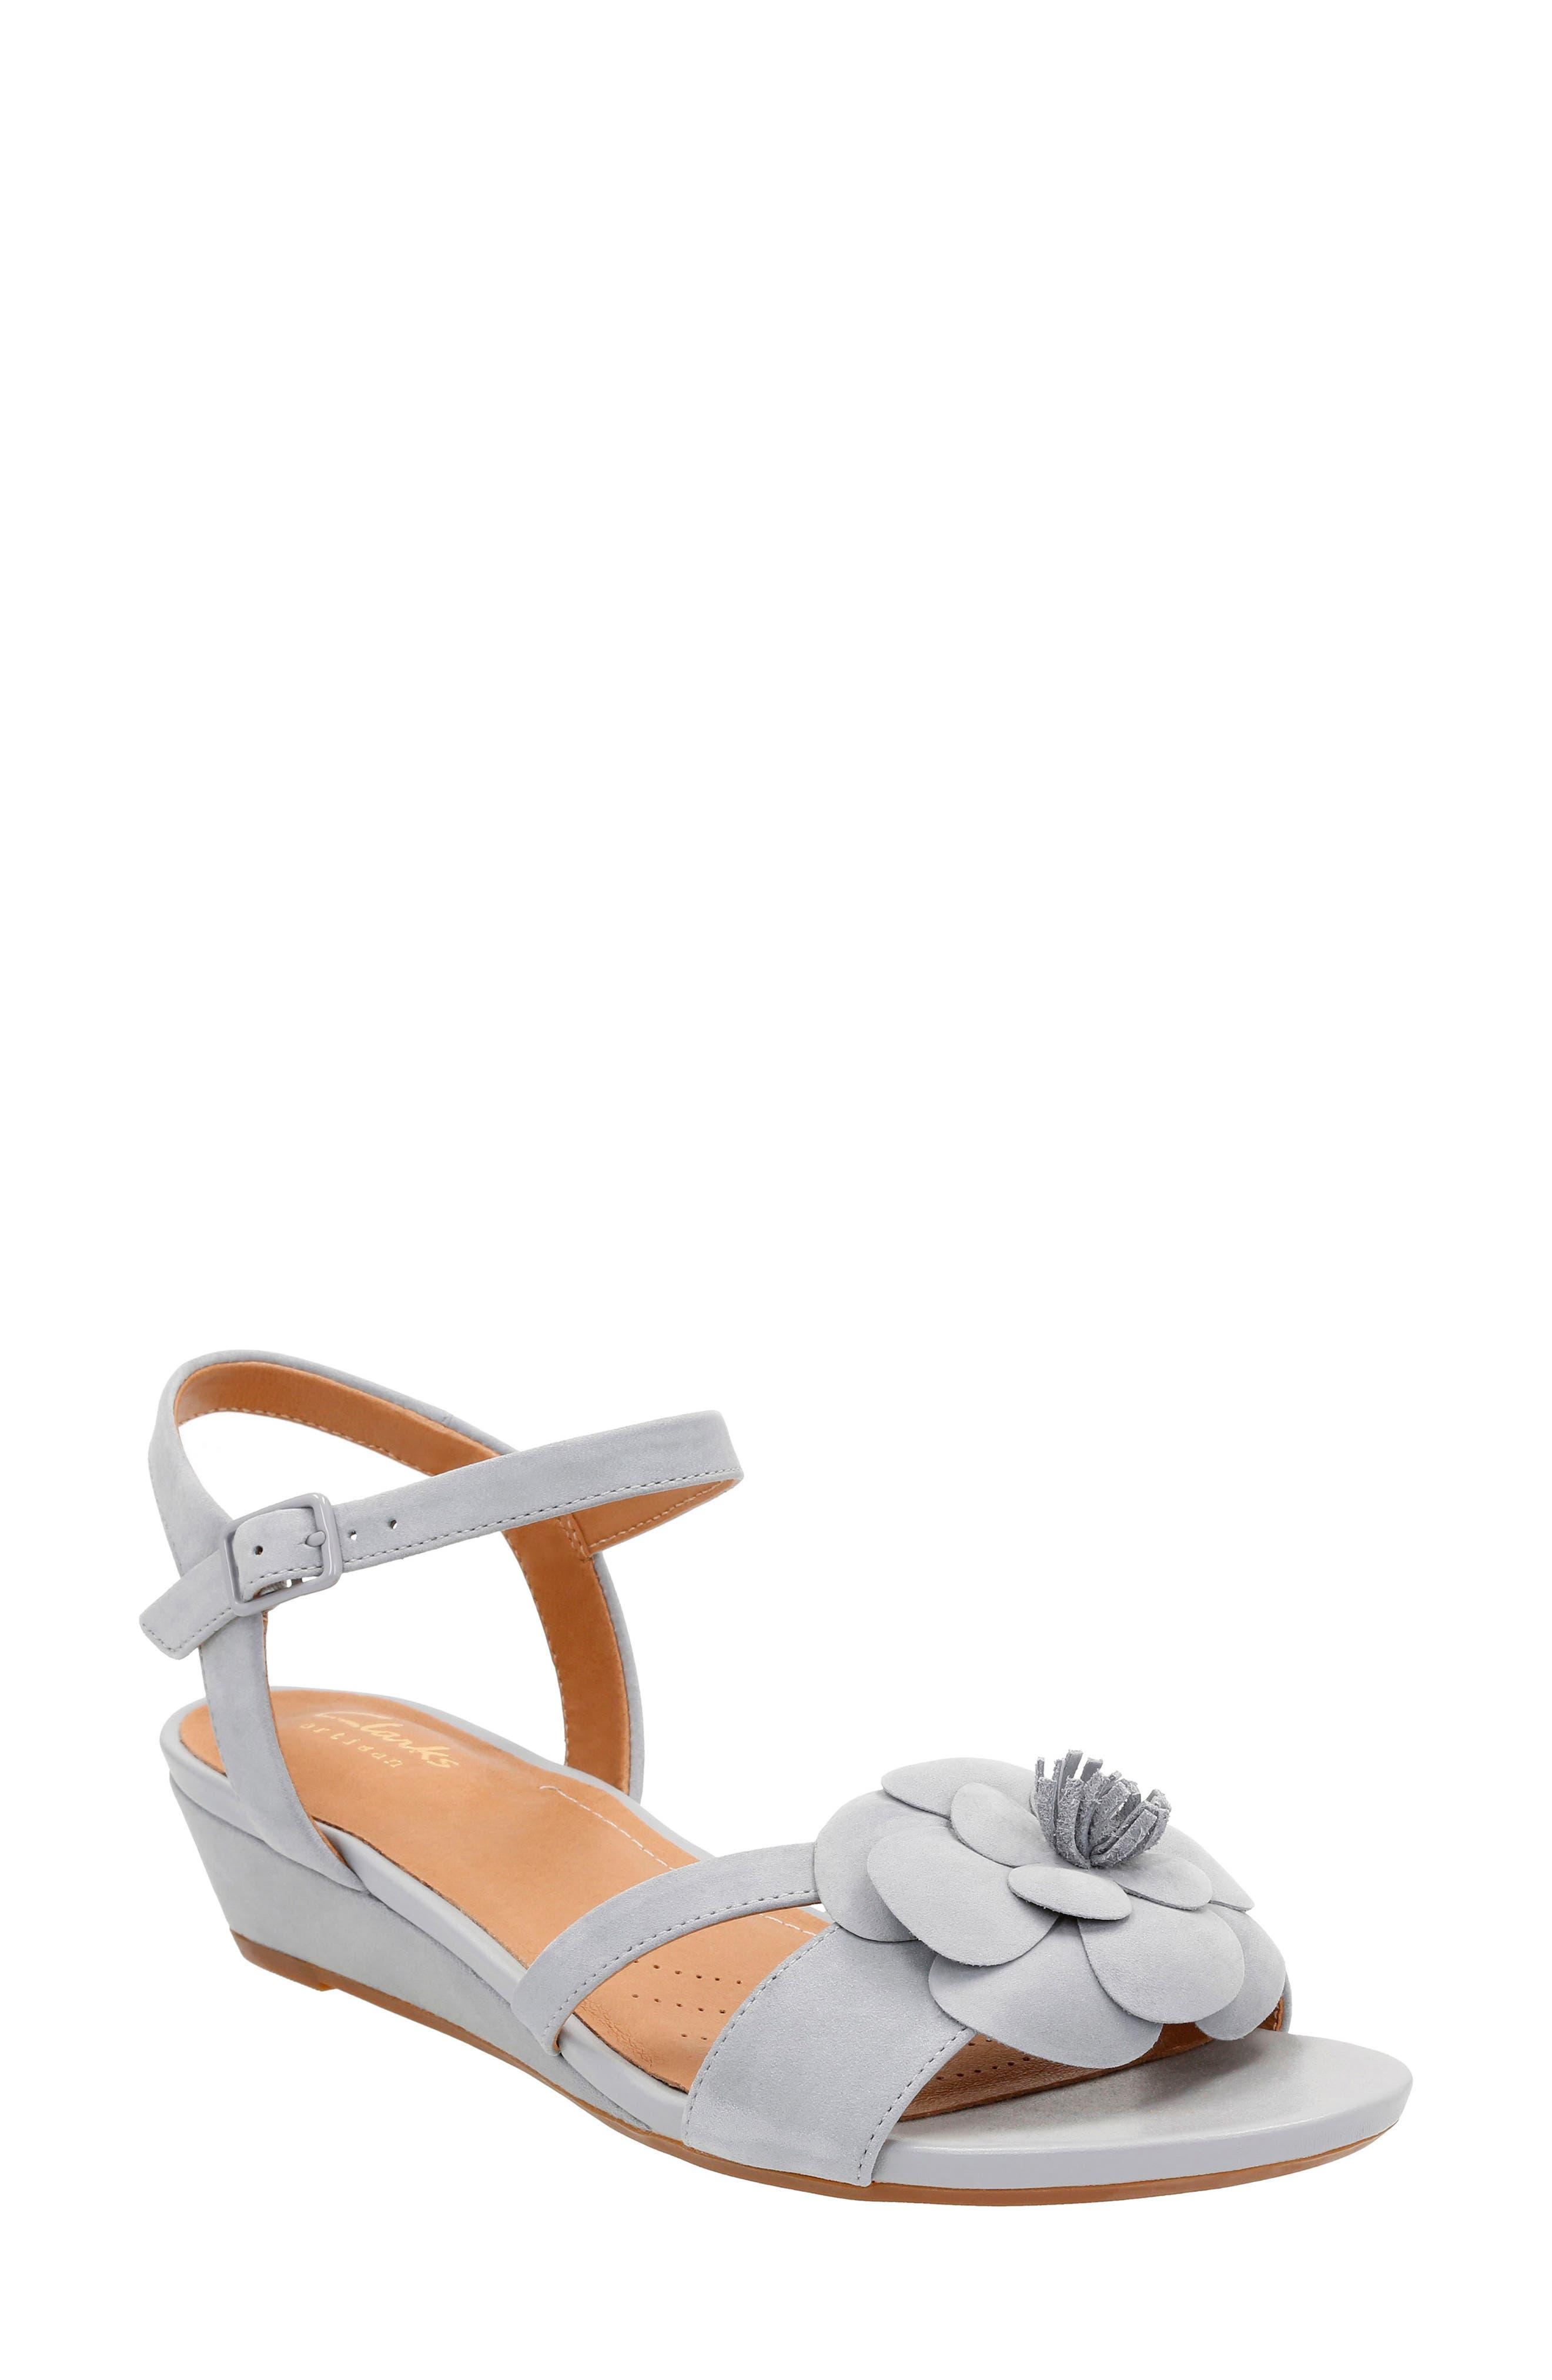 Alternate Image 1 Selected - Clarks® Parram Stella Flower Wedge Sandal (Women)